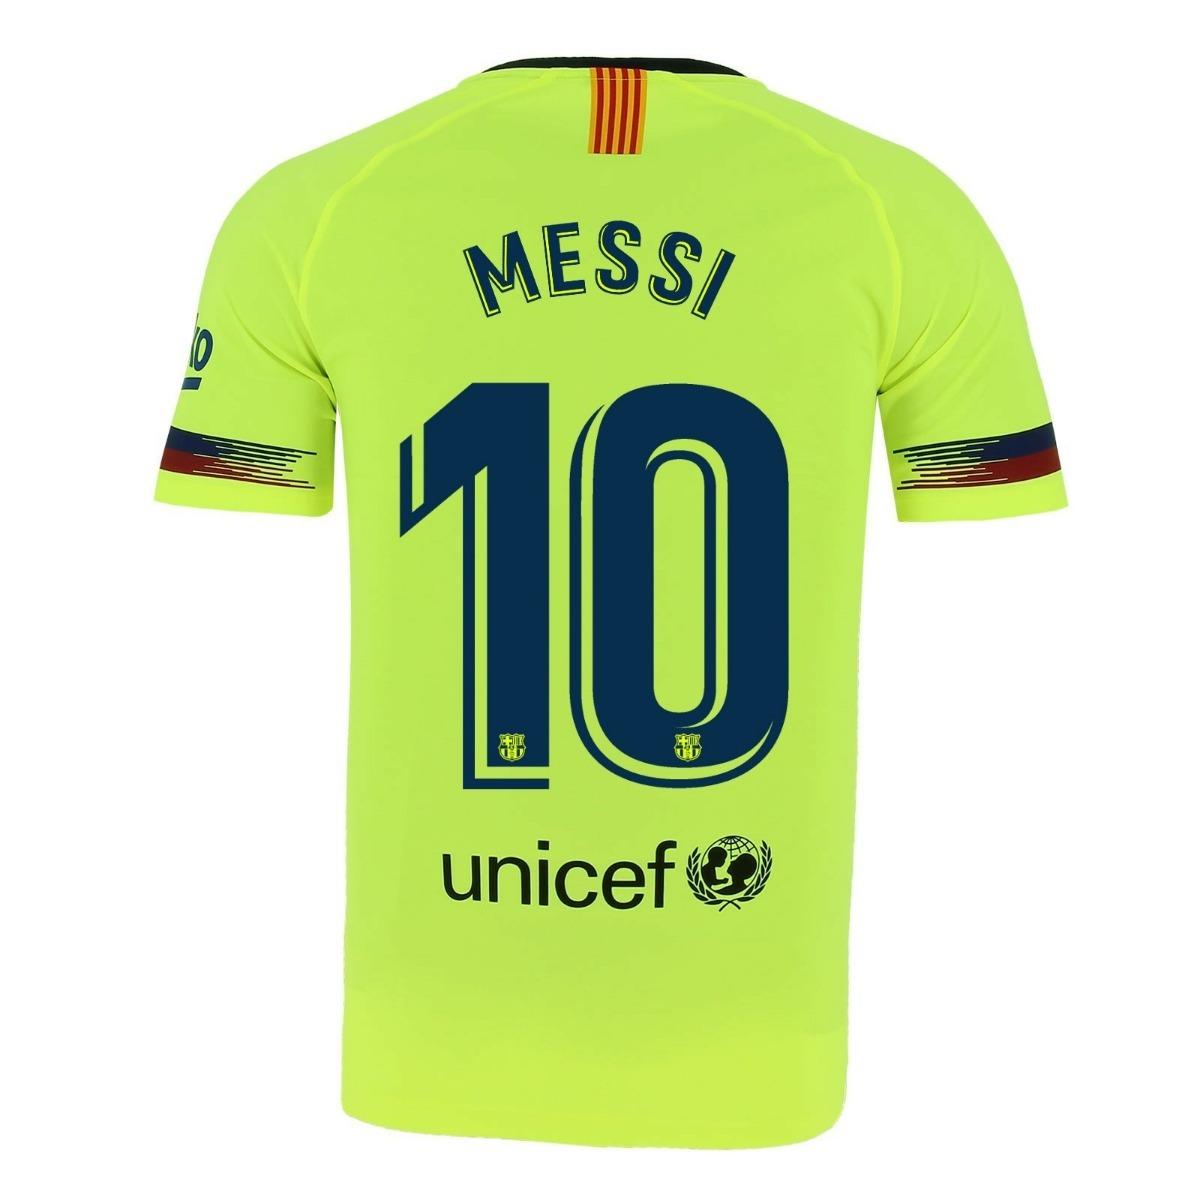 Camiseta Barcelona Suplente Amarilla   10 Messi 7 Coutinho -   1.599 ... 4a353ba8a06